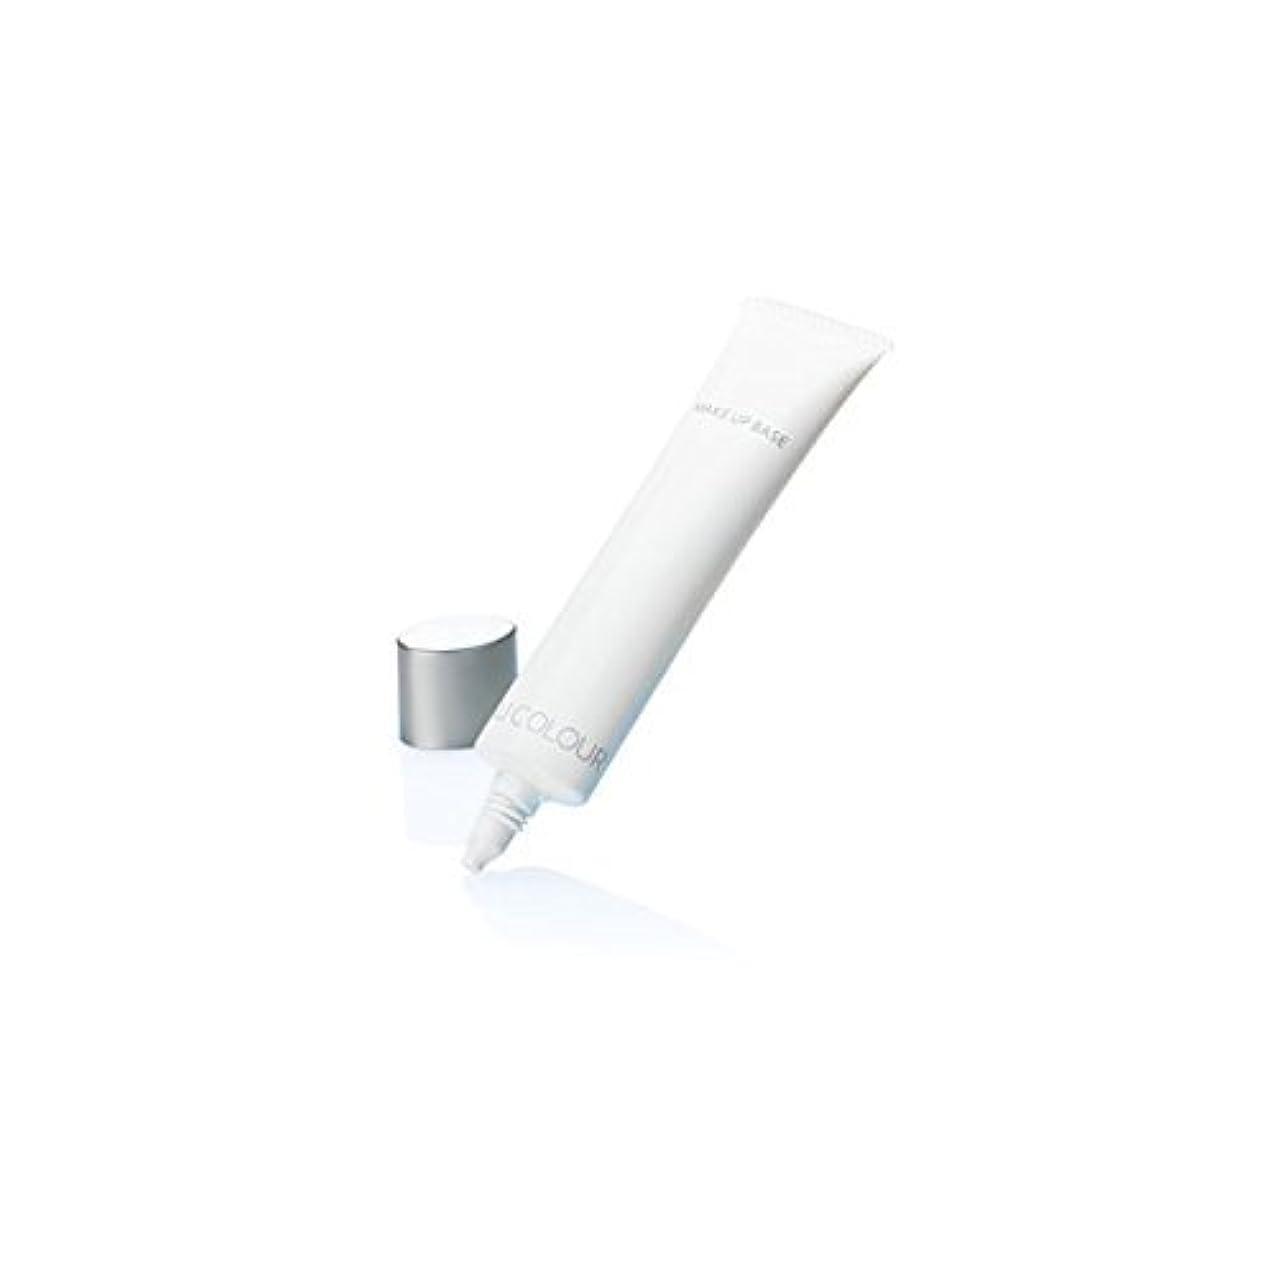 気味の悪い上流の出口ニュースキン NU SKIN UV メイクアップ ベース SPF18?PA++ クリア 03160813